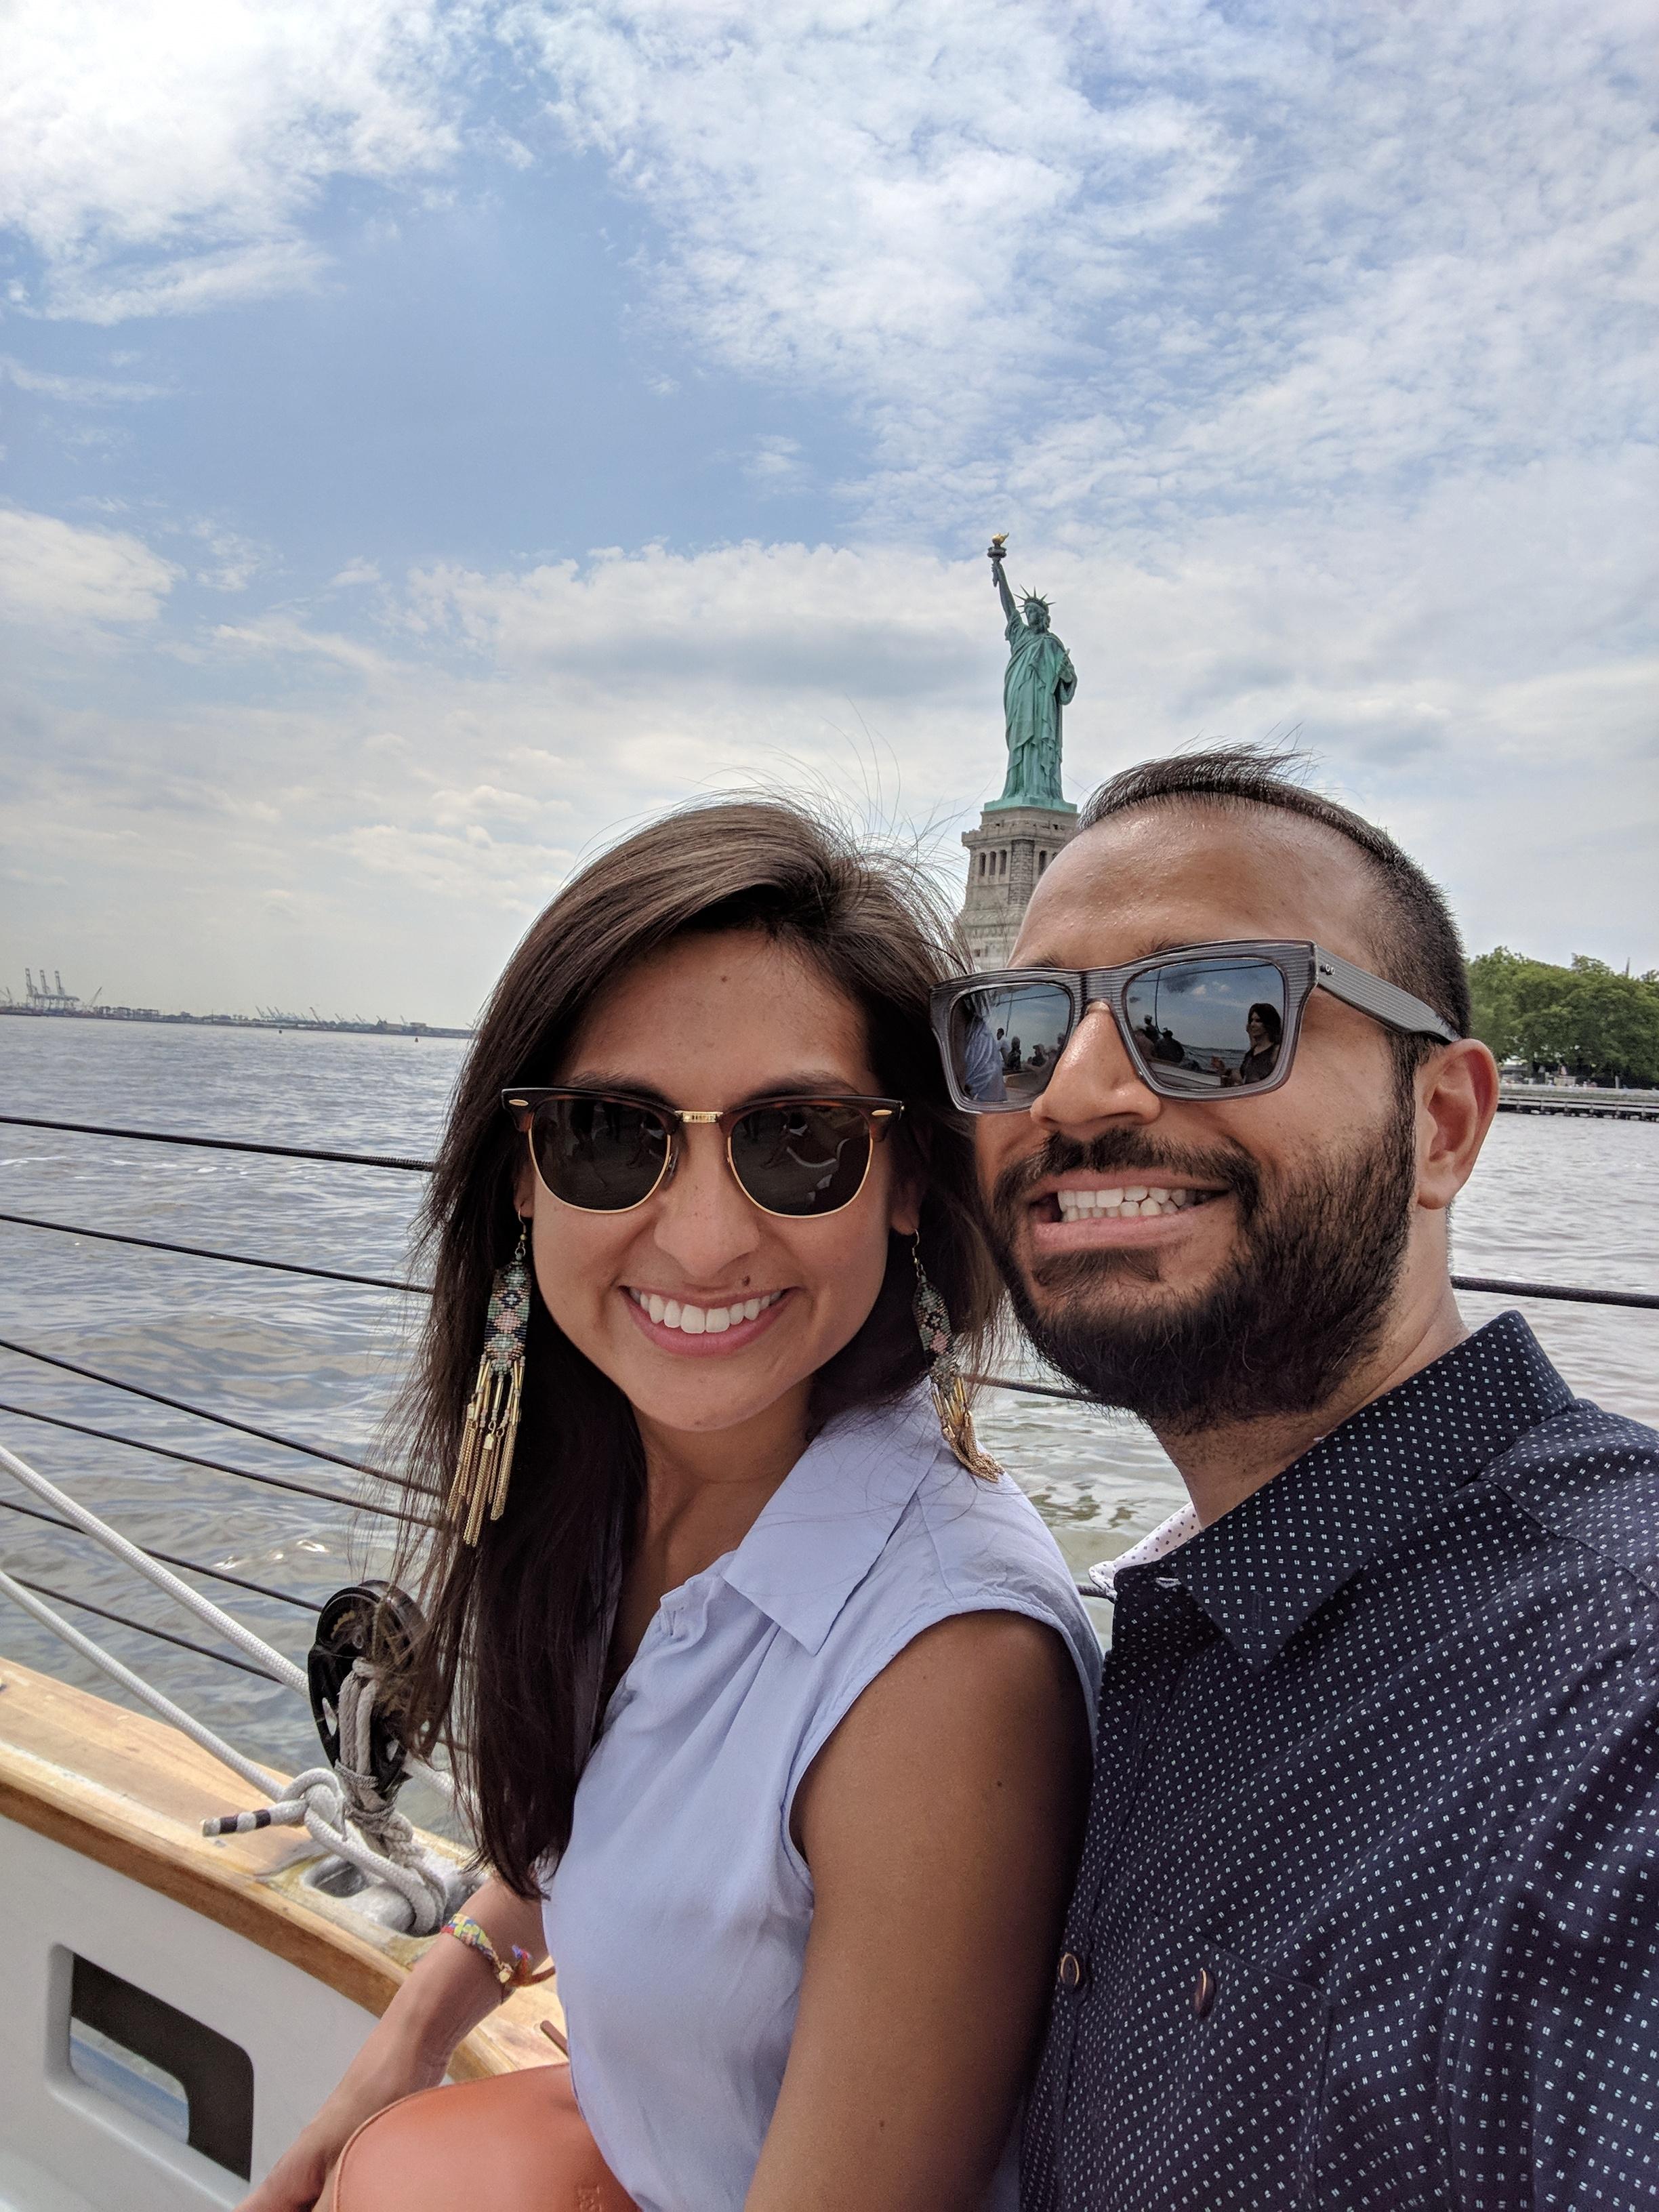 Cyn and Mik at Statue of Liberty